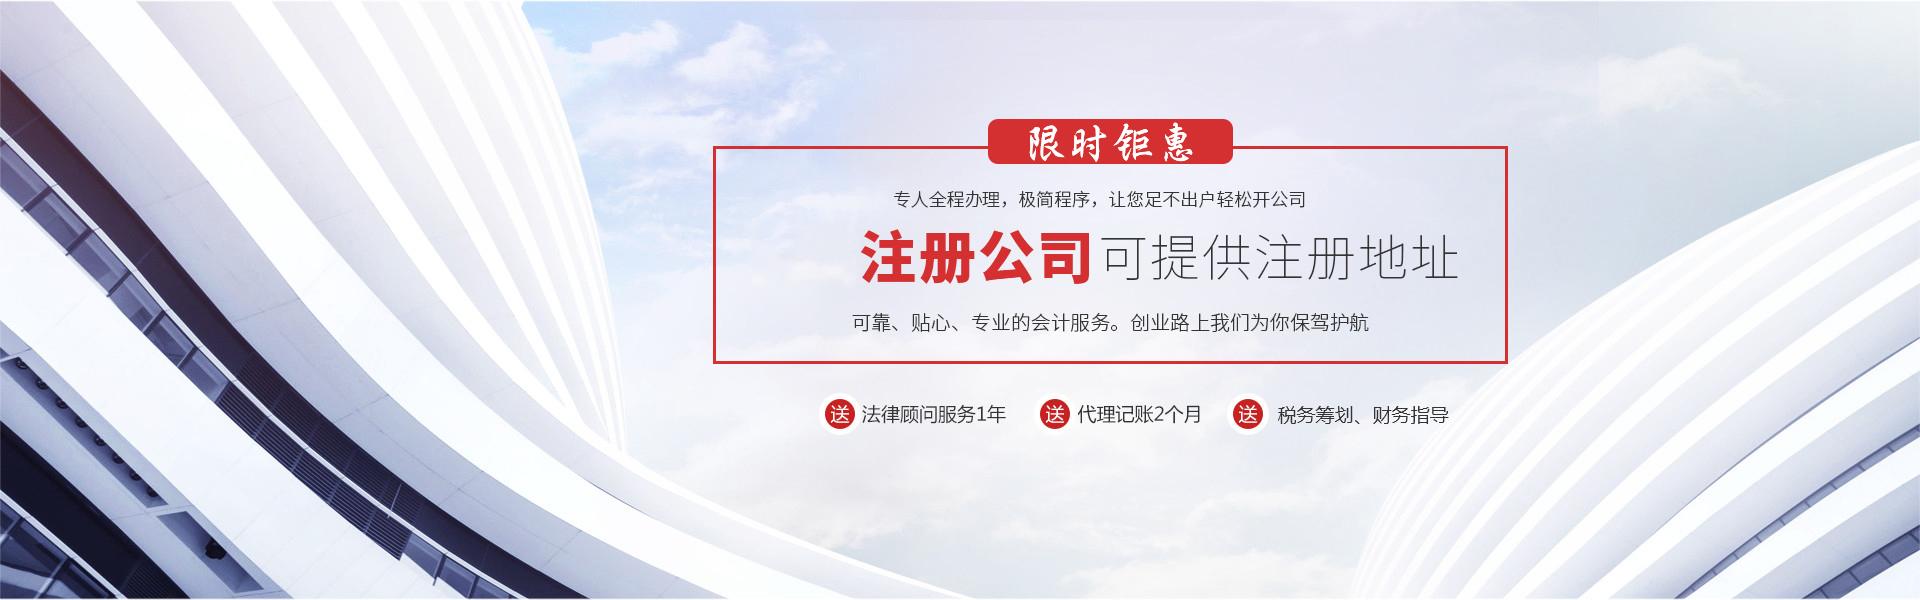 重庆营业执照代办